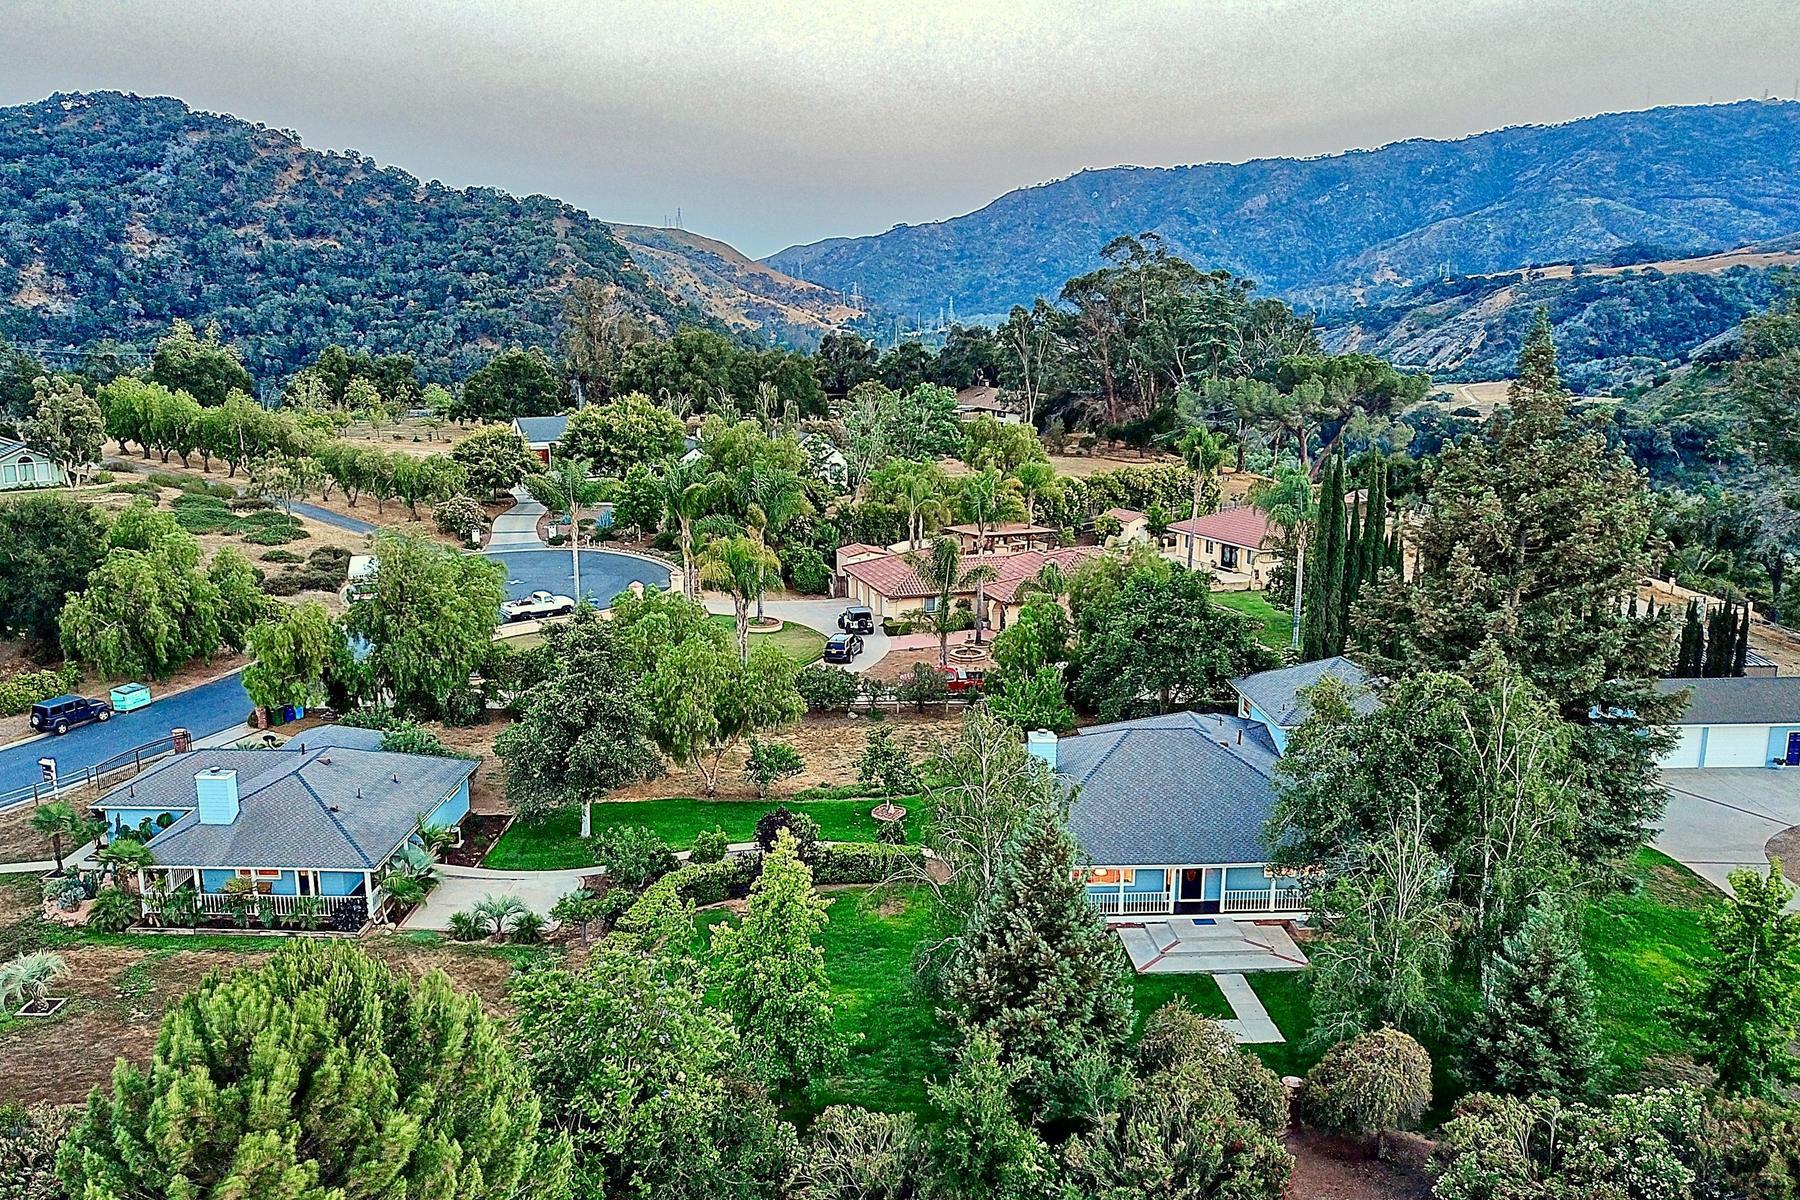 Property 为 销售 在 Oak View Horse Ranch 1159-1163 Spring Street Oak View, 加利福尼亚州 93022 美国